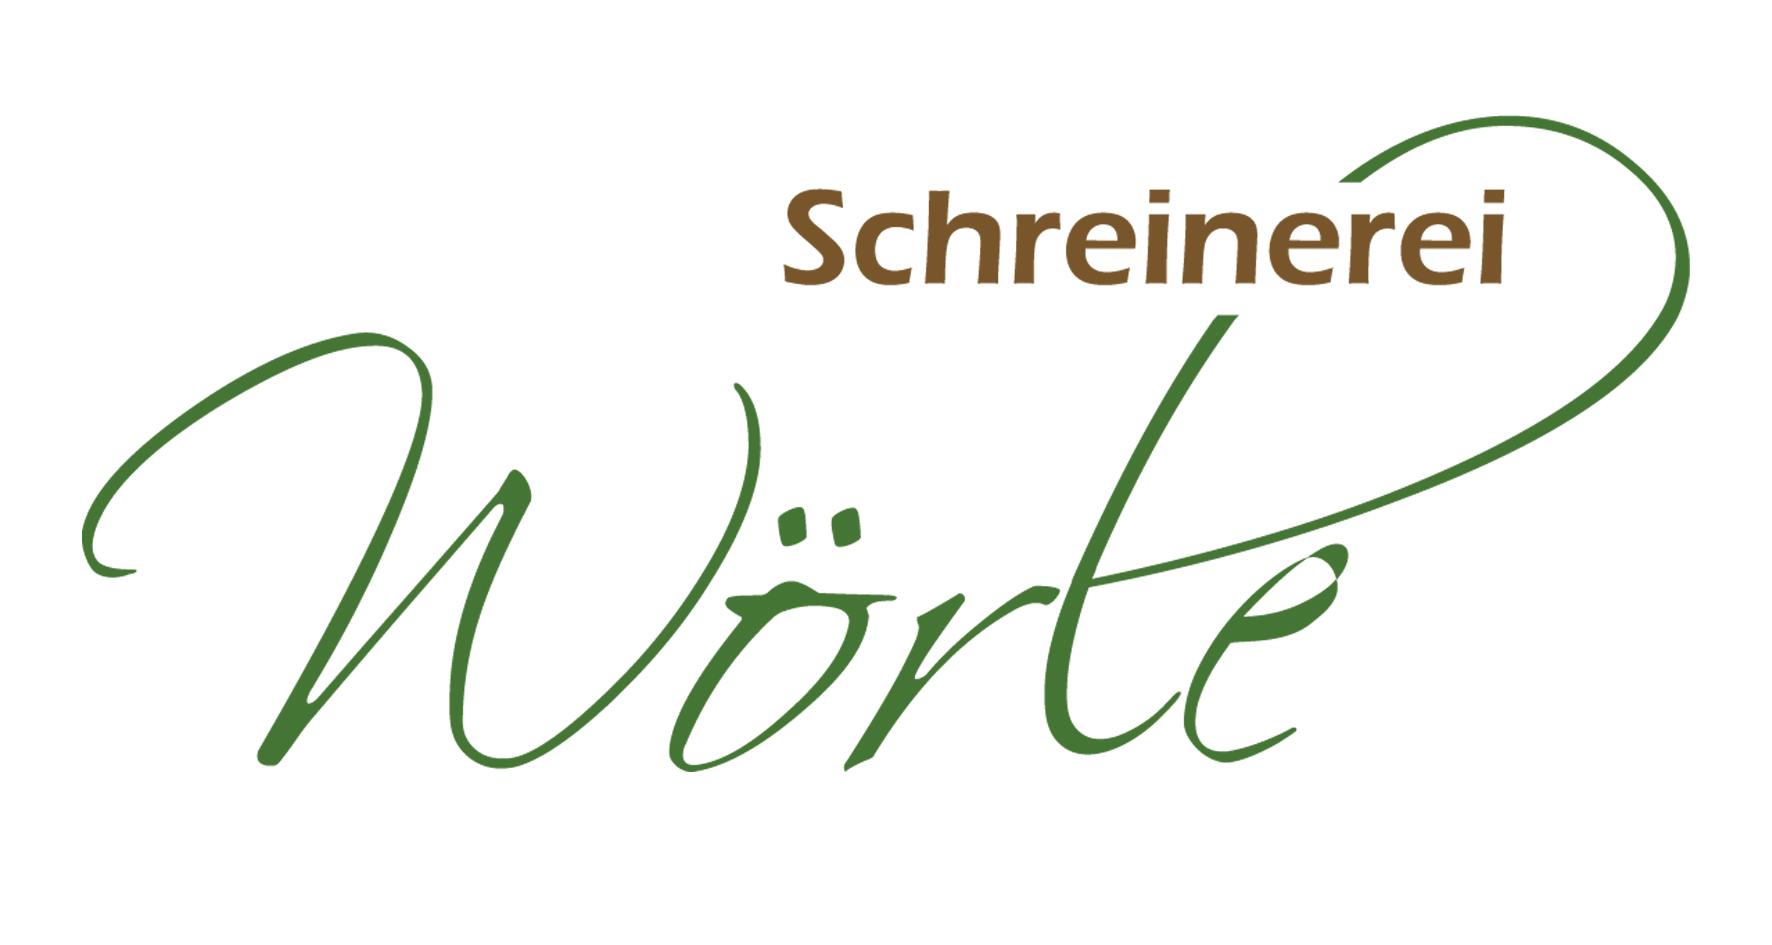 Schreinerei Wörle Ulrich